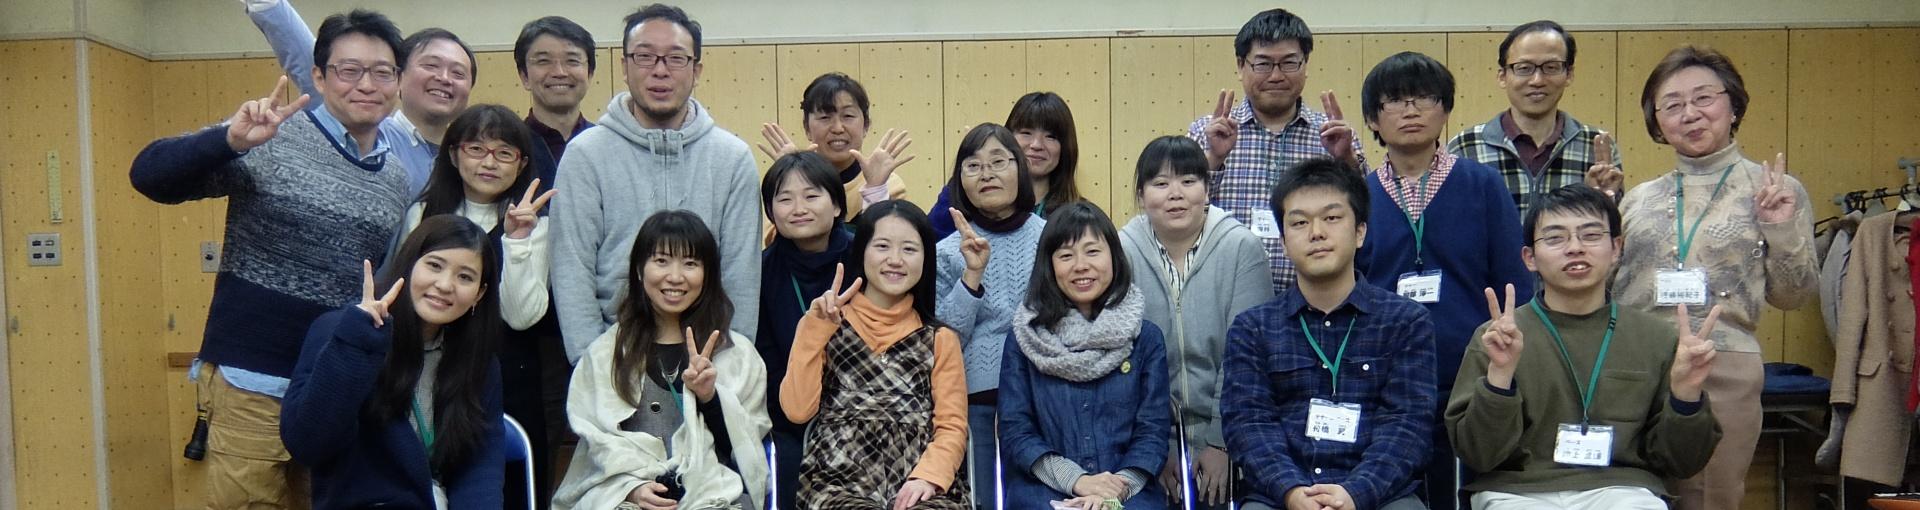 東京の混声合唱団、現在団員募集中!